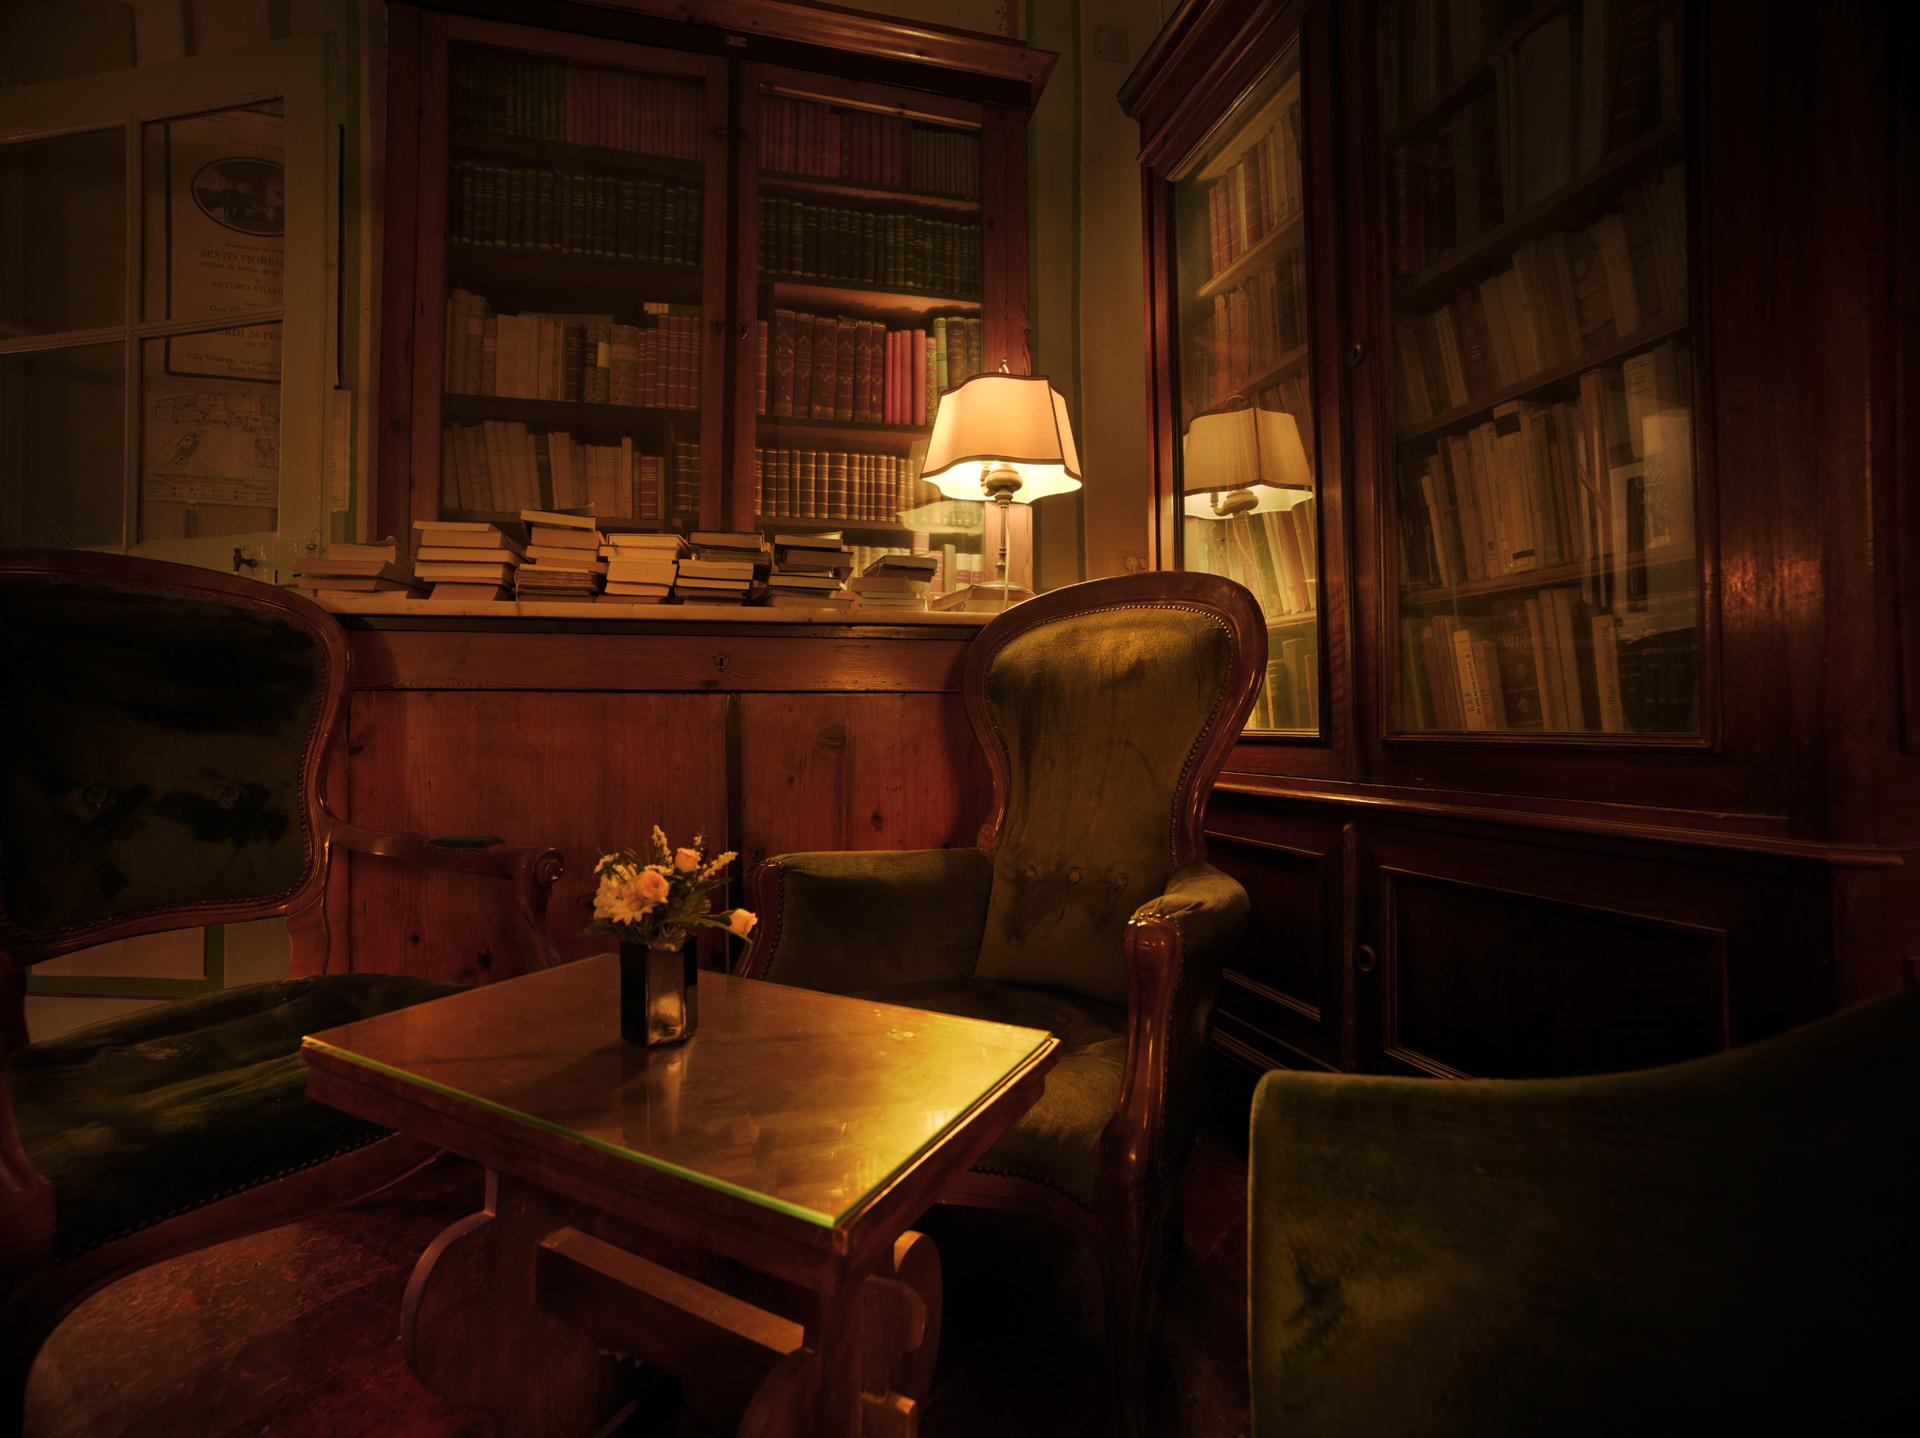 ©ankeluckmann1344, Villa Villoresi Hotel, Architecture, Interior, Italy, anke luckmann, interior